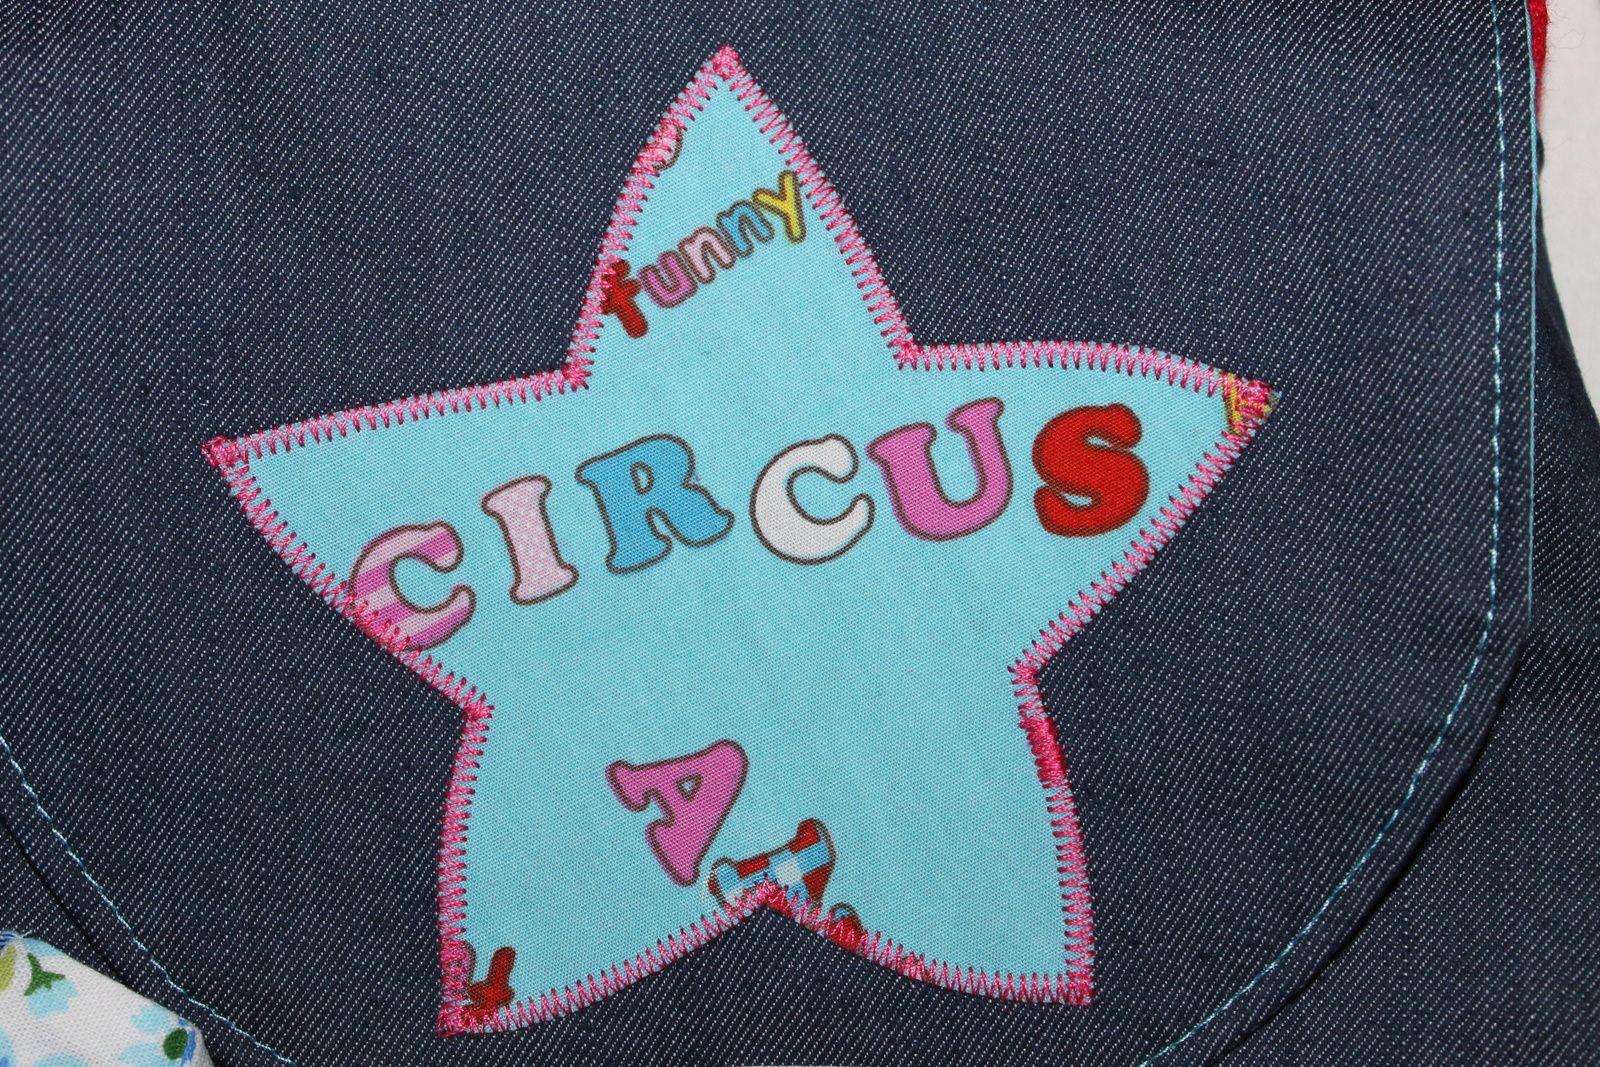 devant une étoile appliquée, au dos circus comme une signature, le tout dans le tissu de la doublure